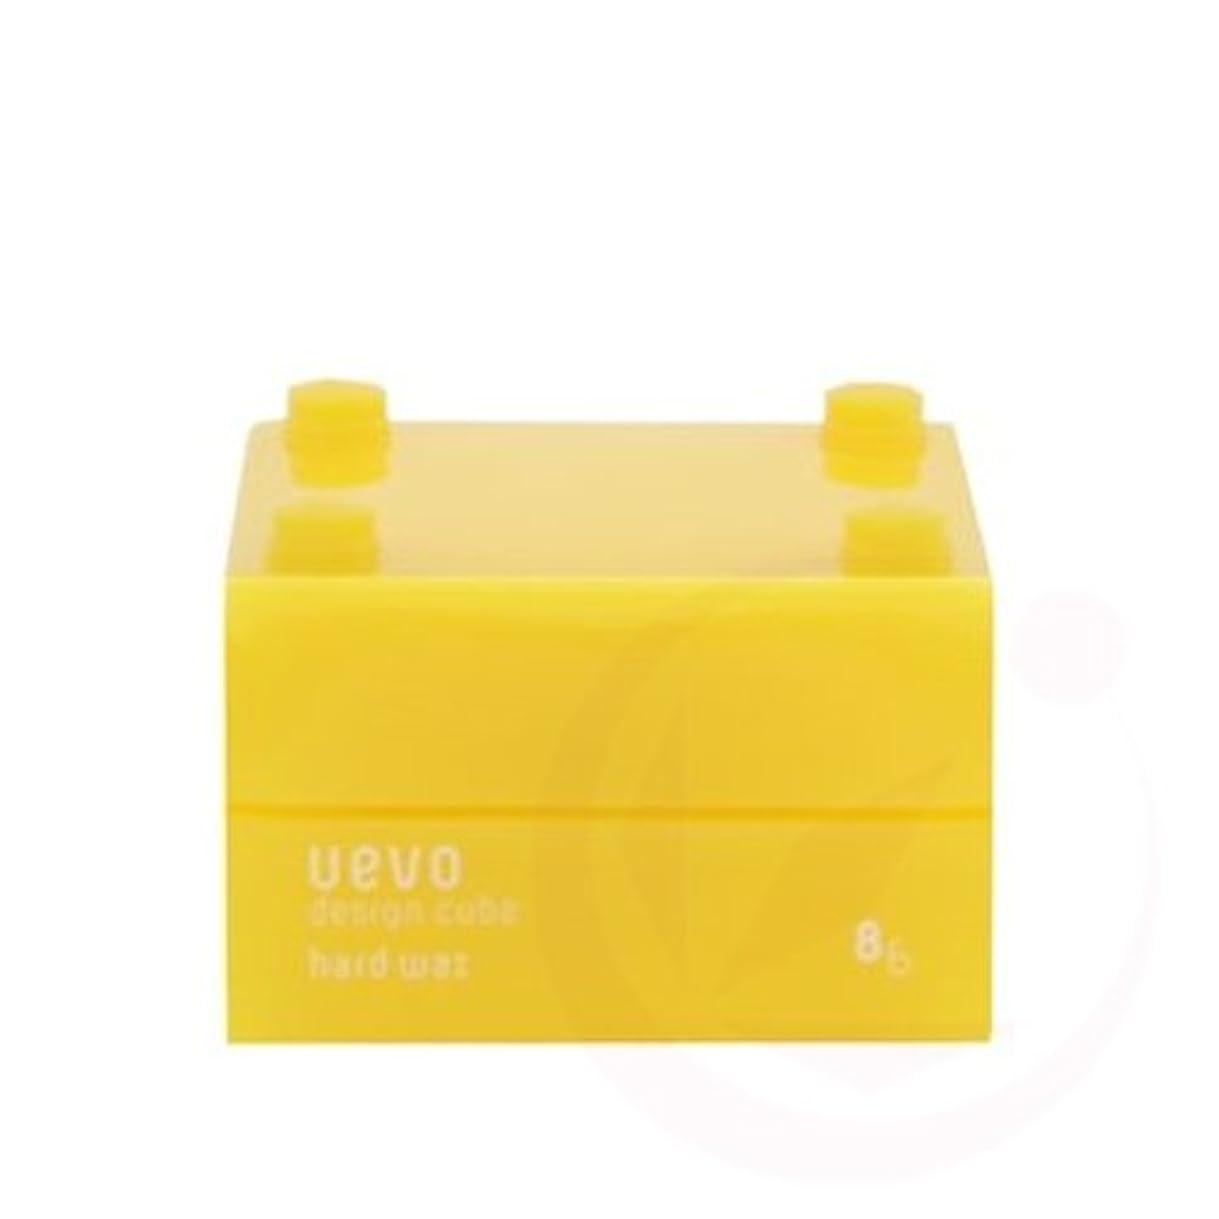 マウントバンク忠実に出会い【デミコスメティクス】ウェーボ デザインキューブ ハードワックス 30g